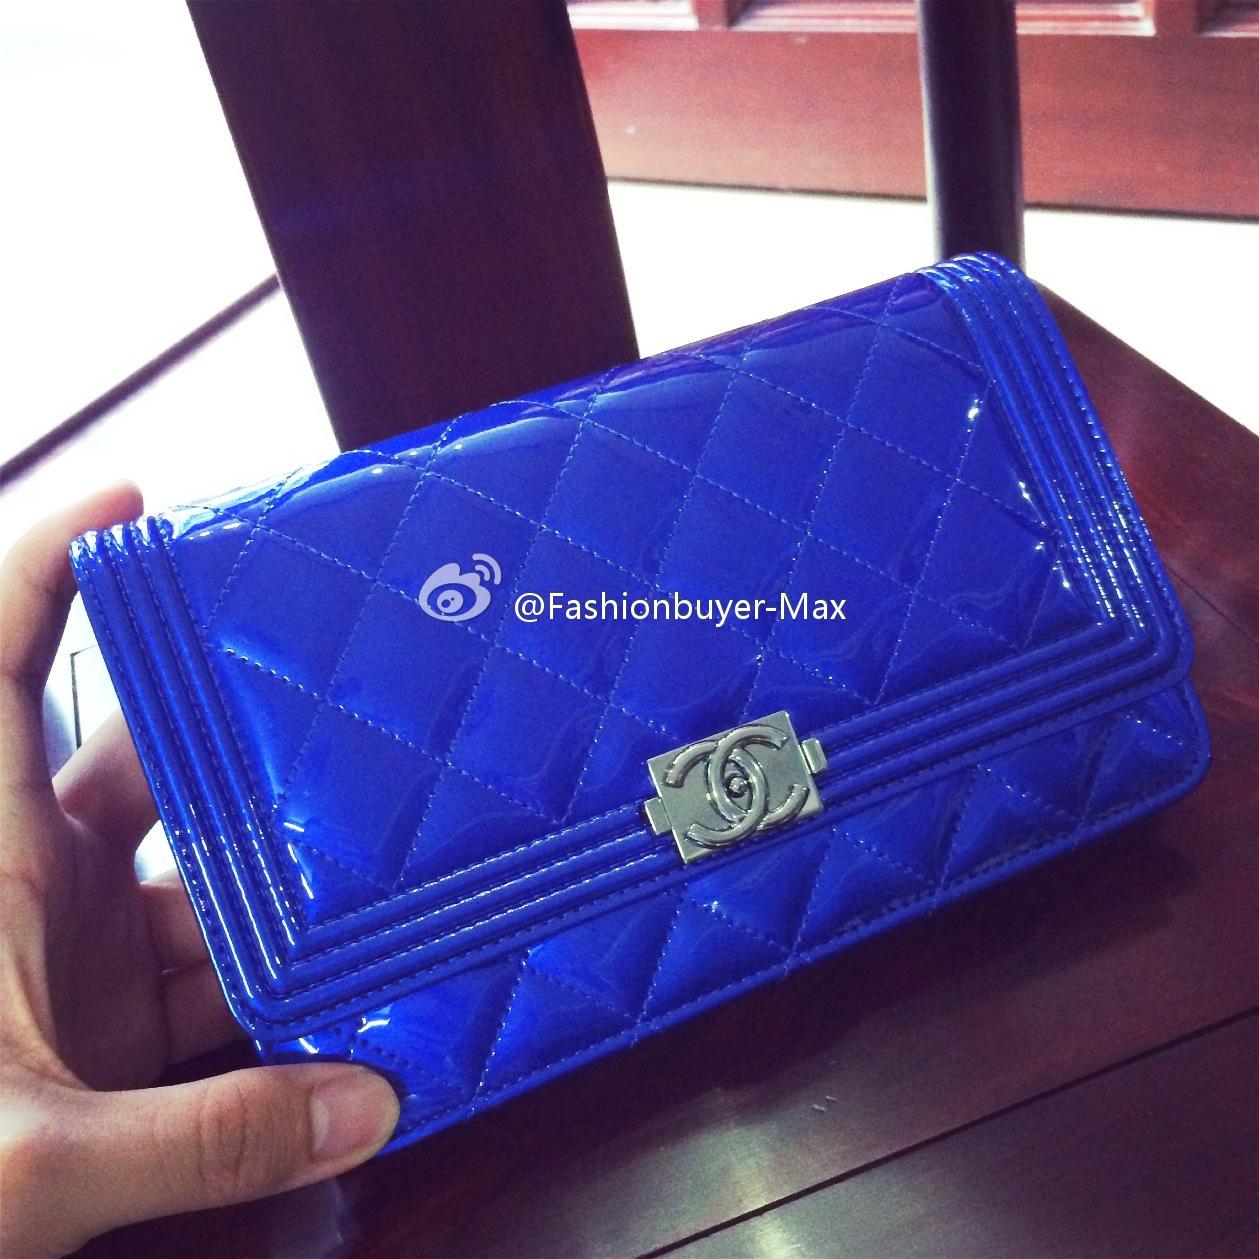 国内现货 Chanel香奈儿 WOCBOY 电光蓝walletonchain2015春夏